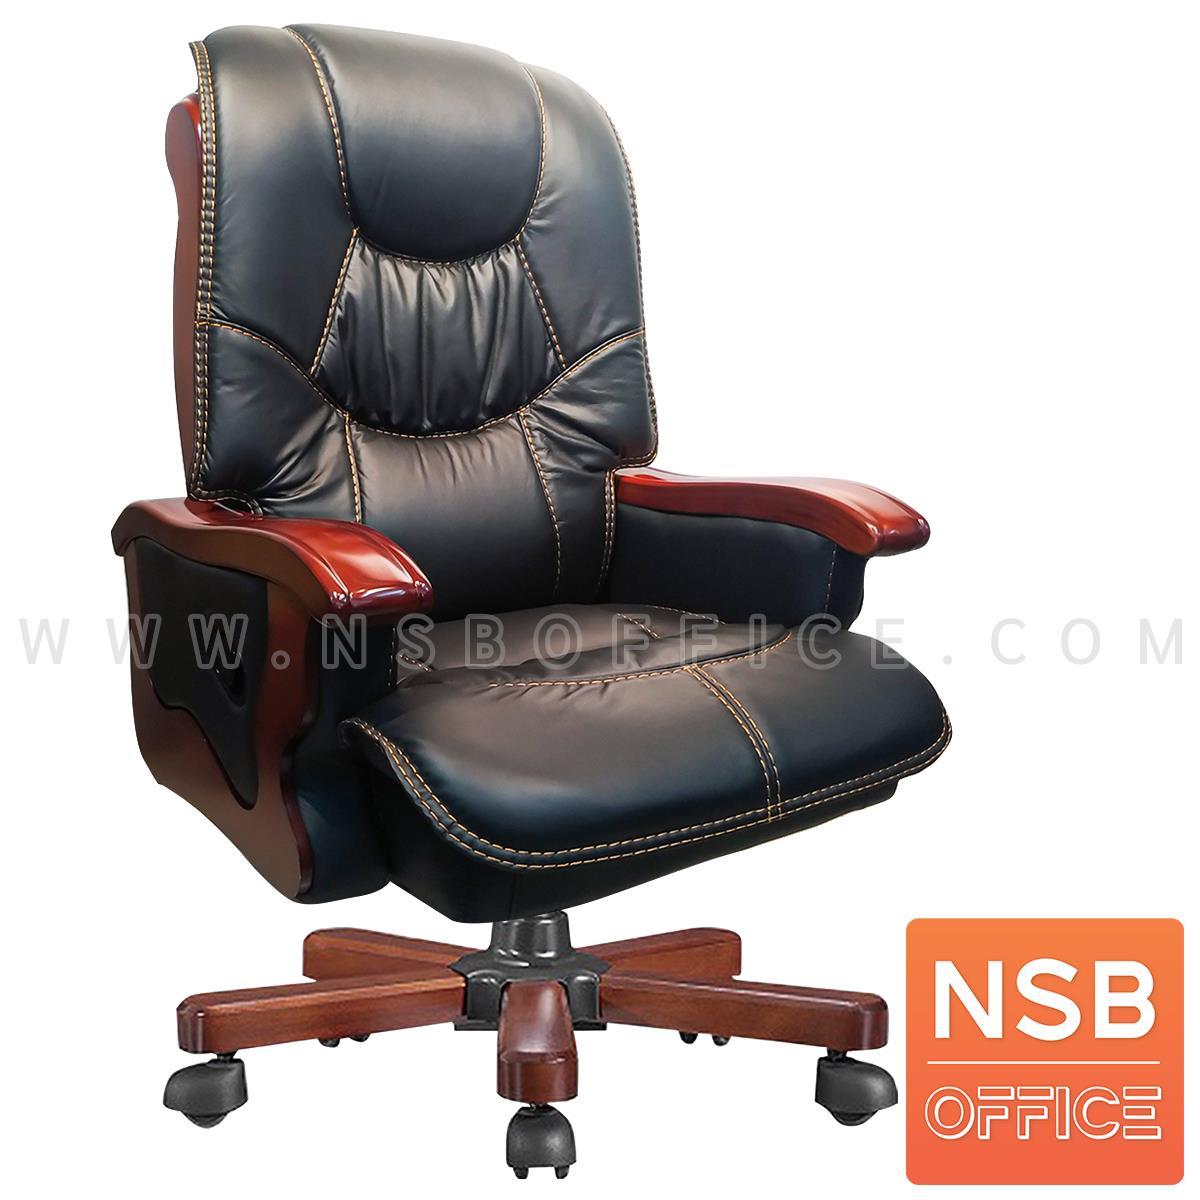 B25A158:เก้าอี้ผู้บริหารหนังแท้ รุ่น Walter (วอลเตอร์)  แขน-ขาไม้